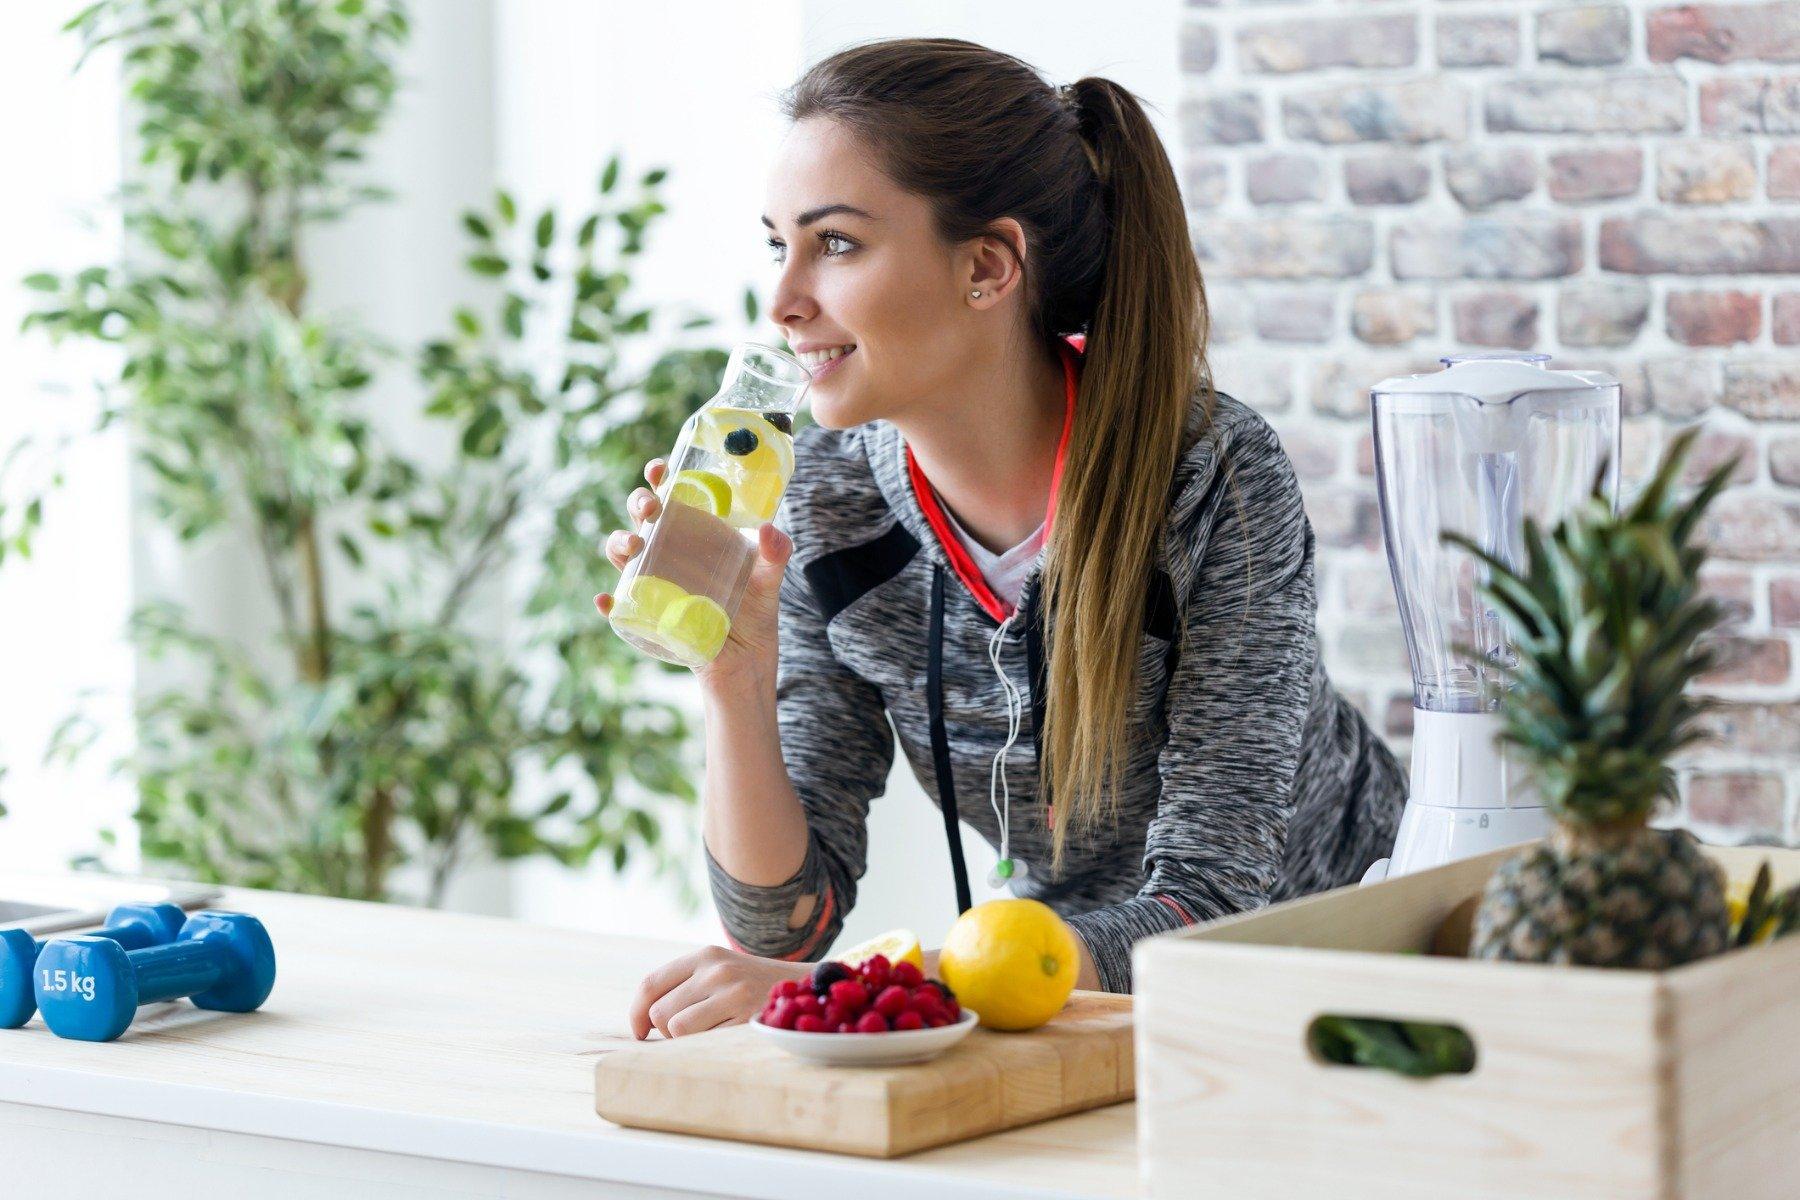 Ce trebuie să mâncați înainte de antrenament, dacă faceți exerciții dimineața